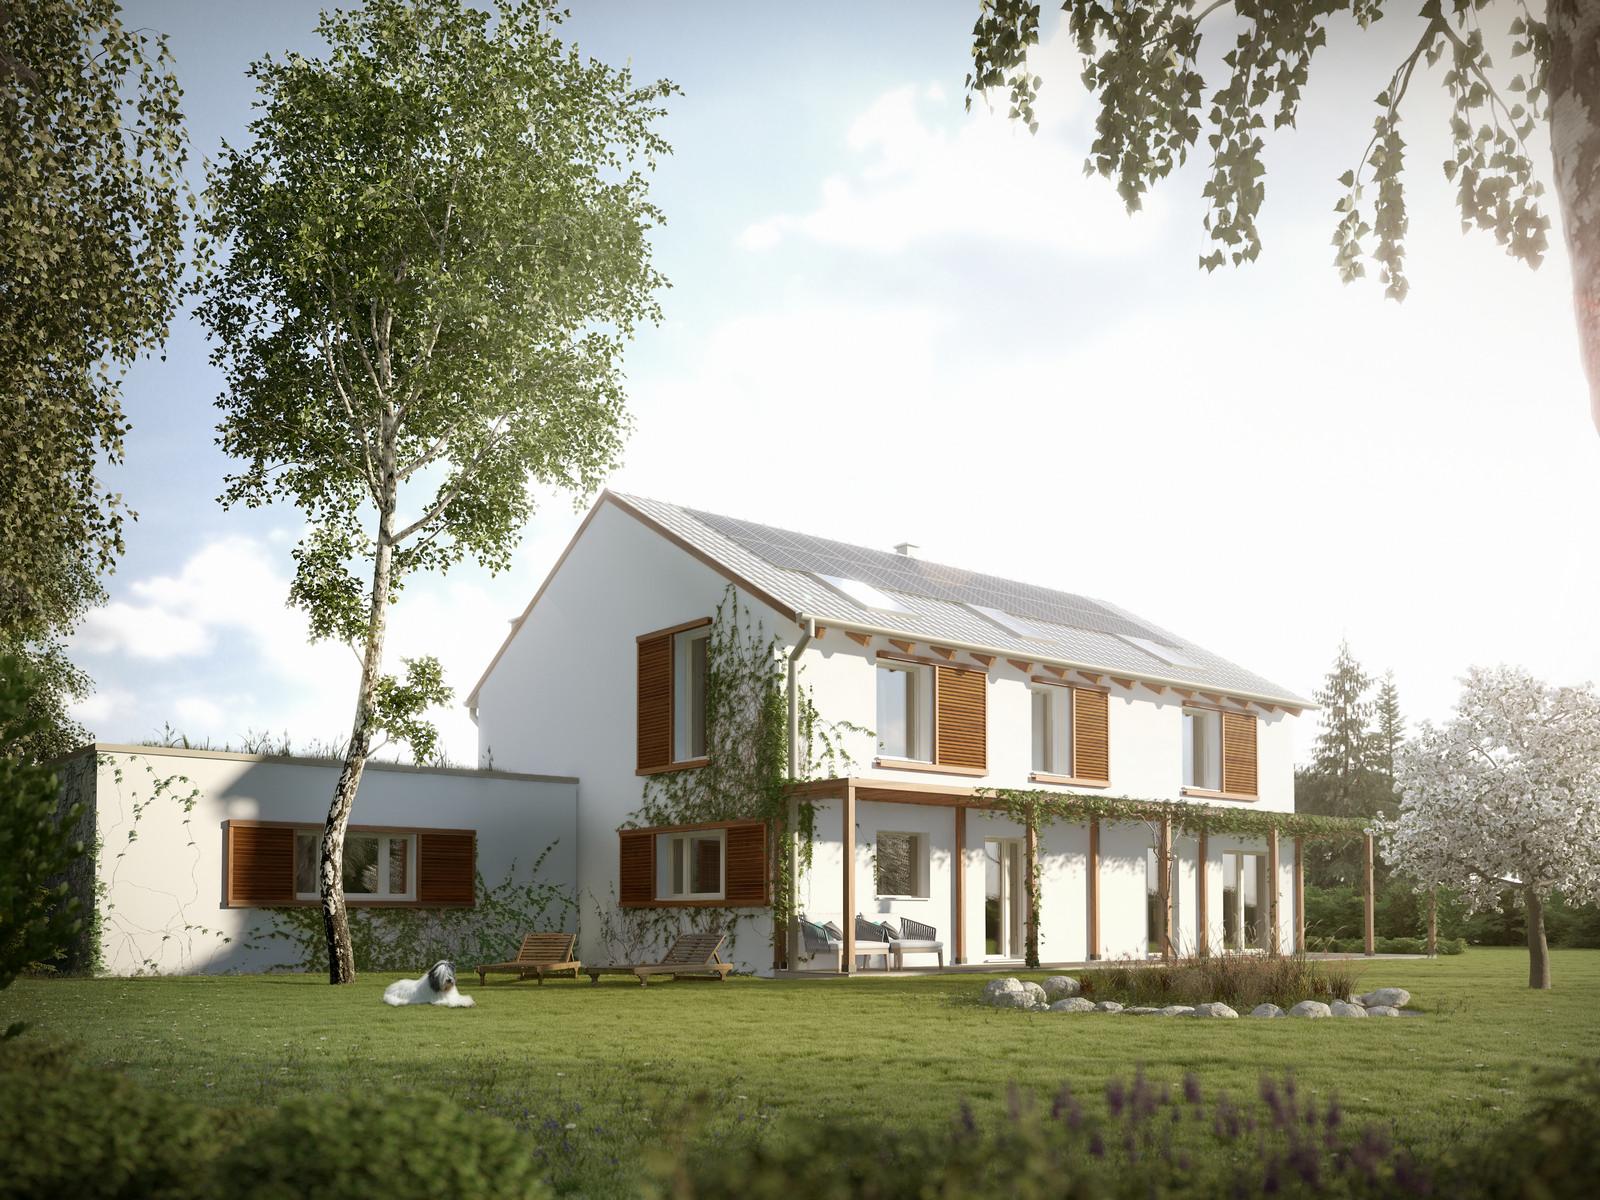 Projekt domu ORKISZ Domy Czystej Energii widok z boku i od ogrodu